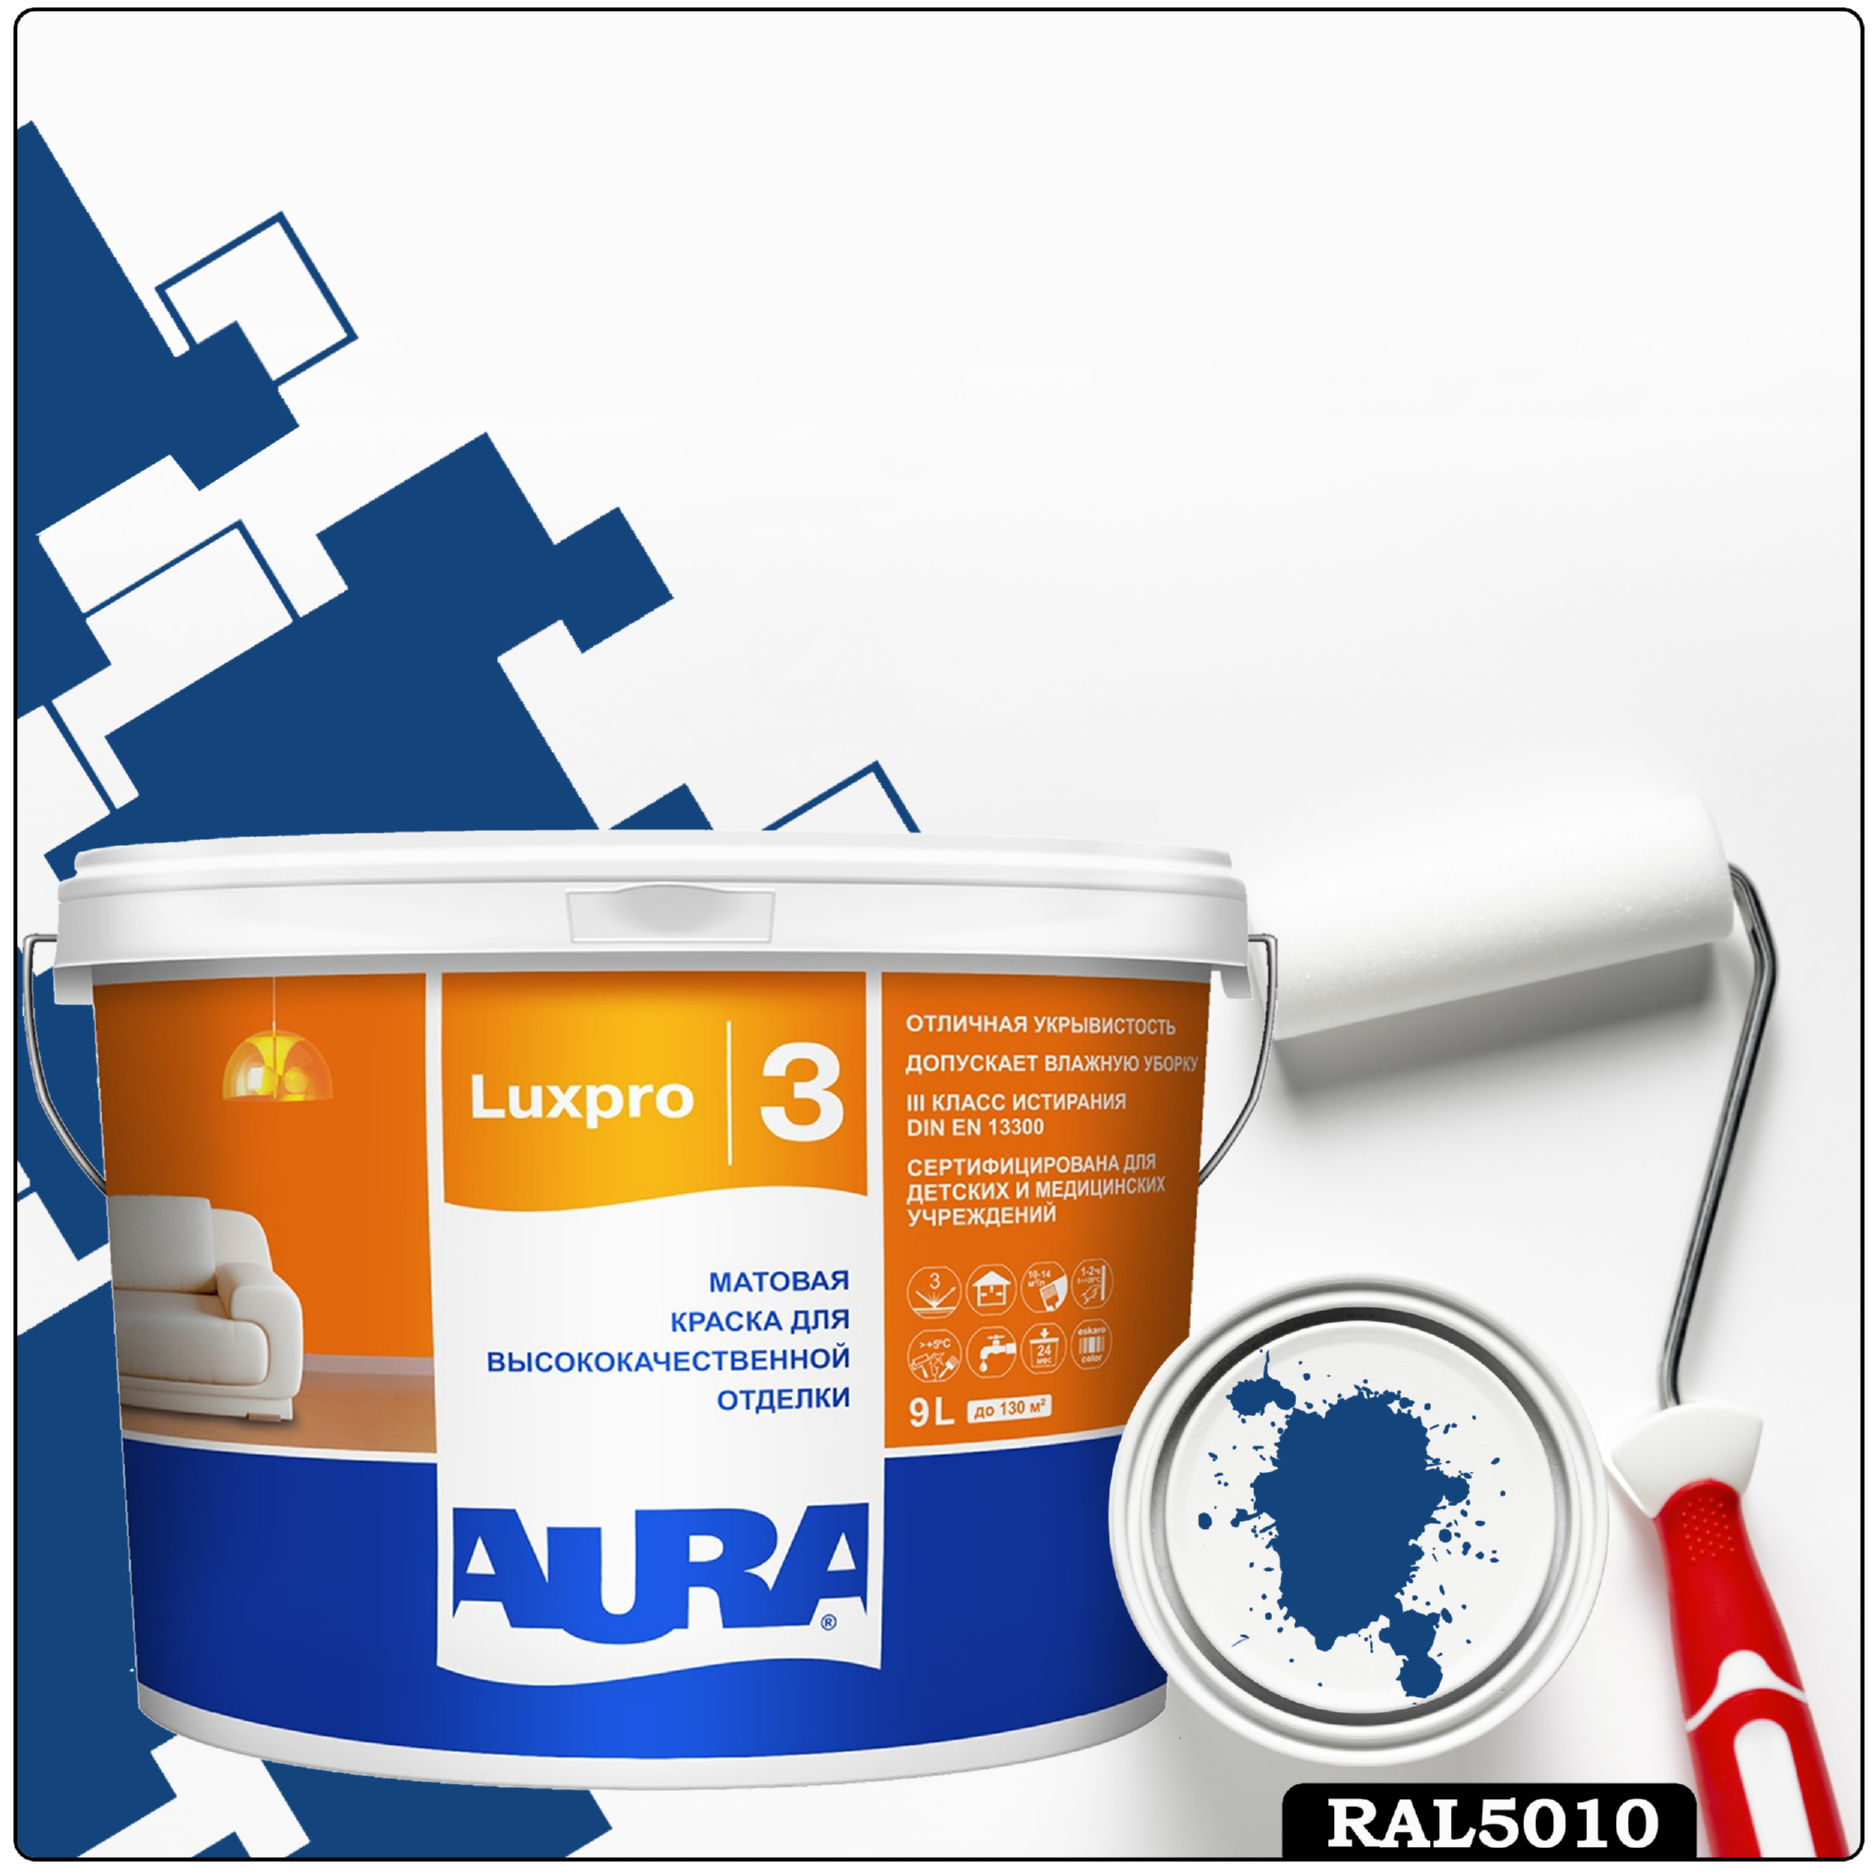 Фото 10 - Краска Aura LuxPRO 3, RAL 5010 Горечавково-синий, латексная, шелково-матовая, интерьерная, 9л, Аура.